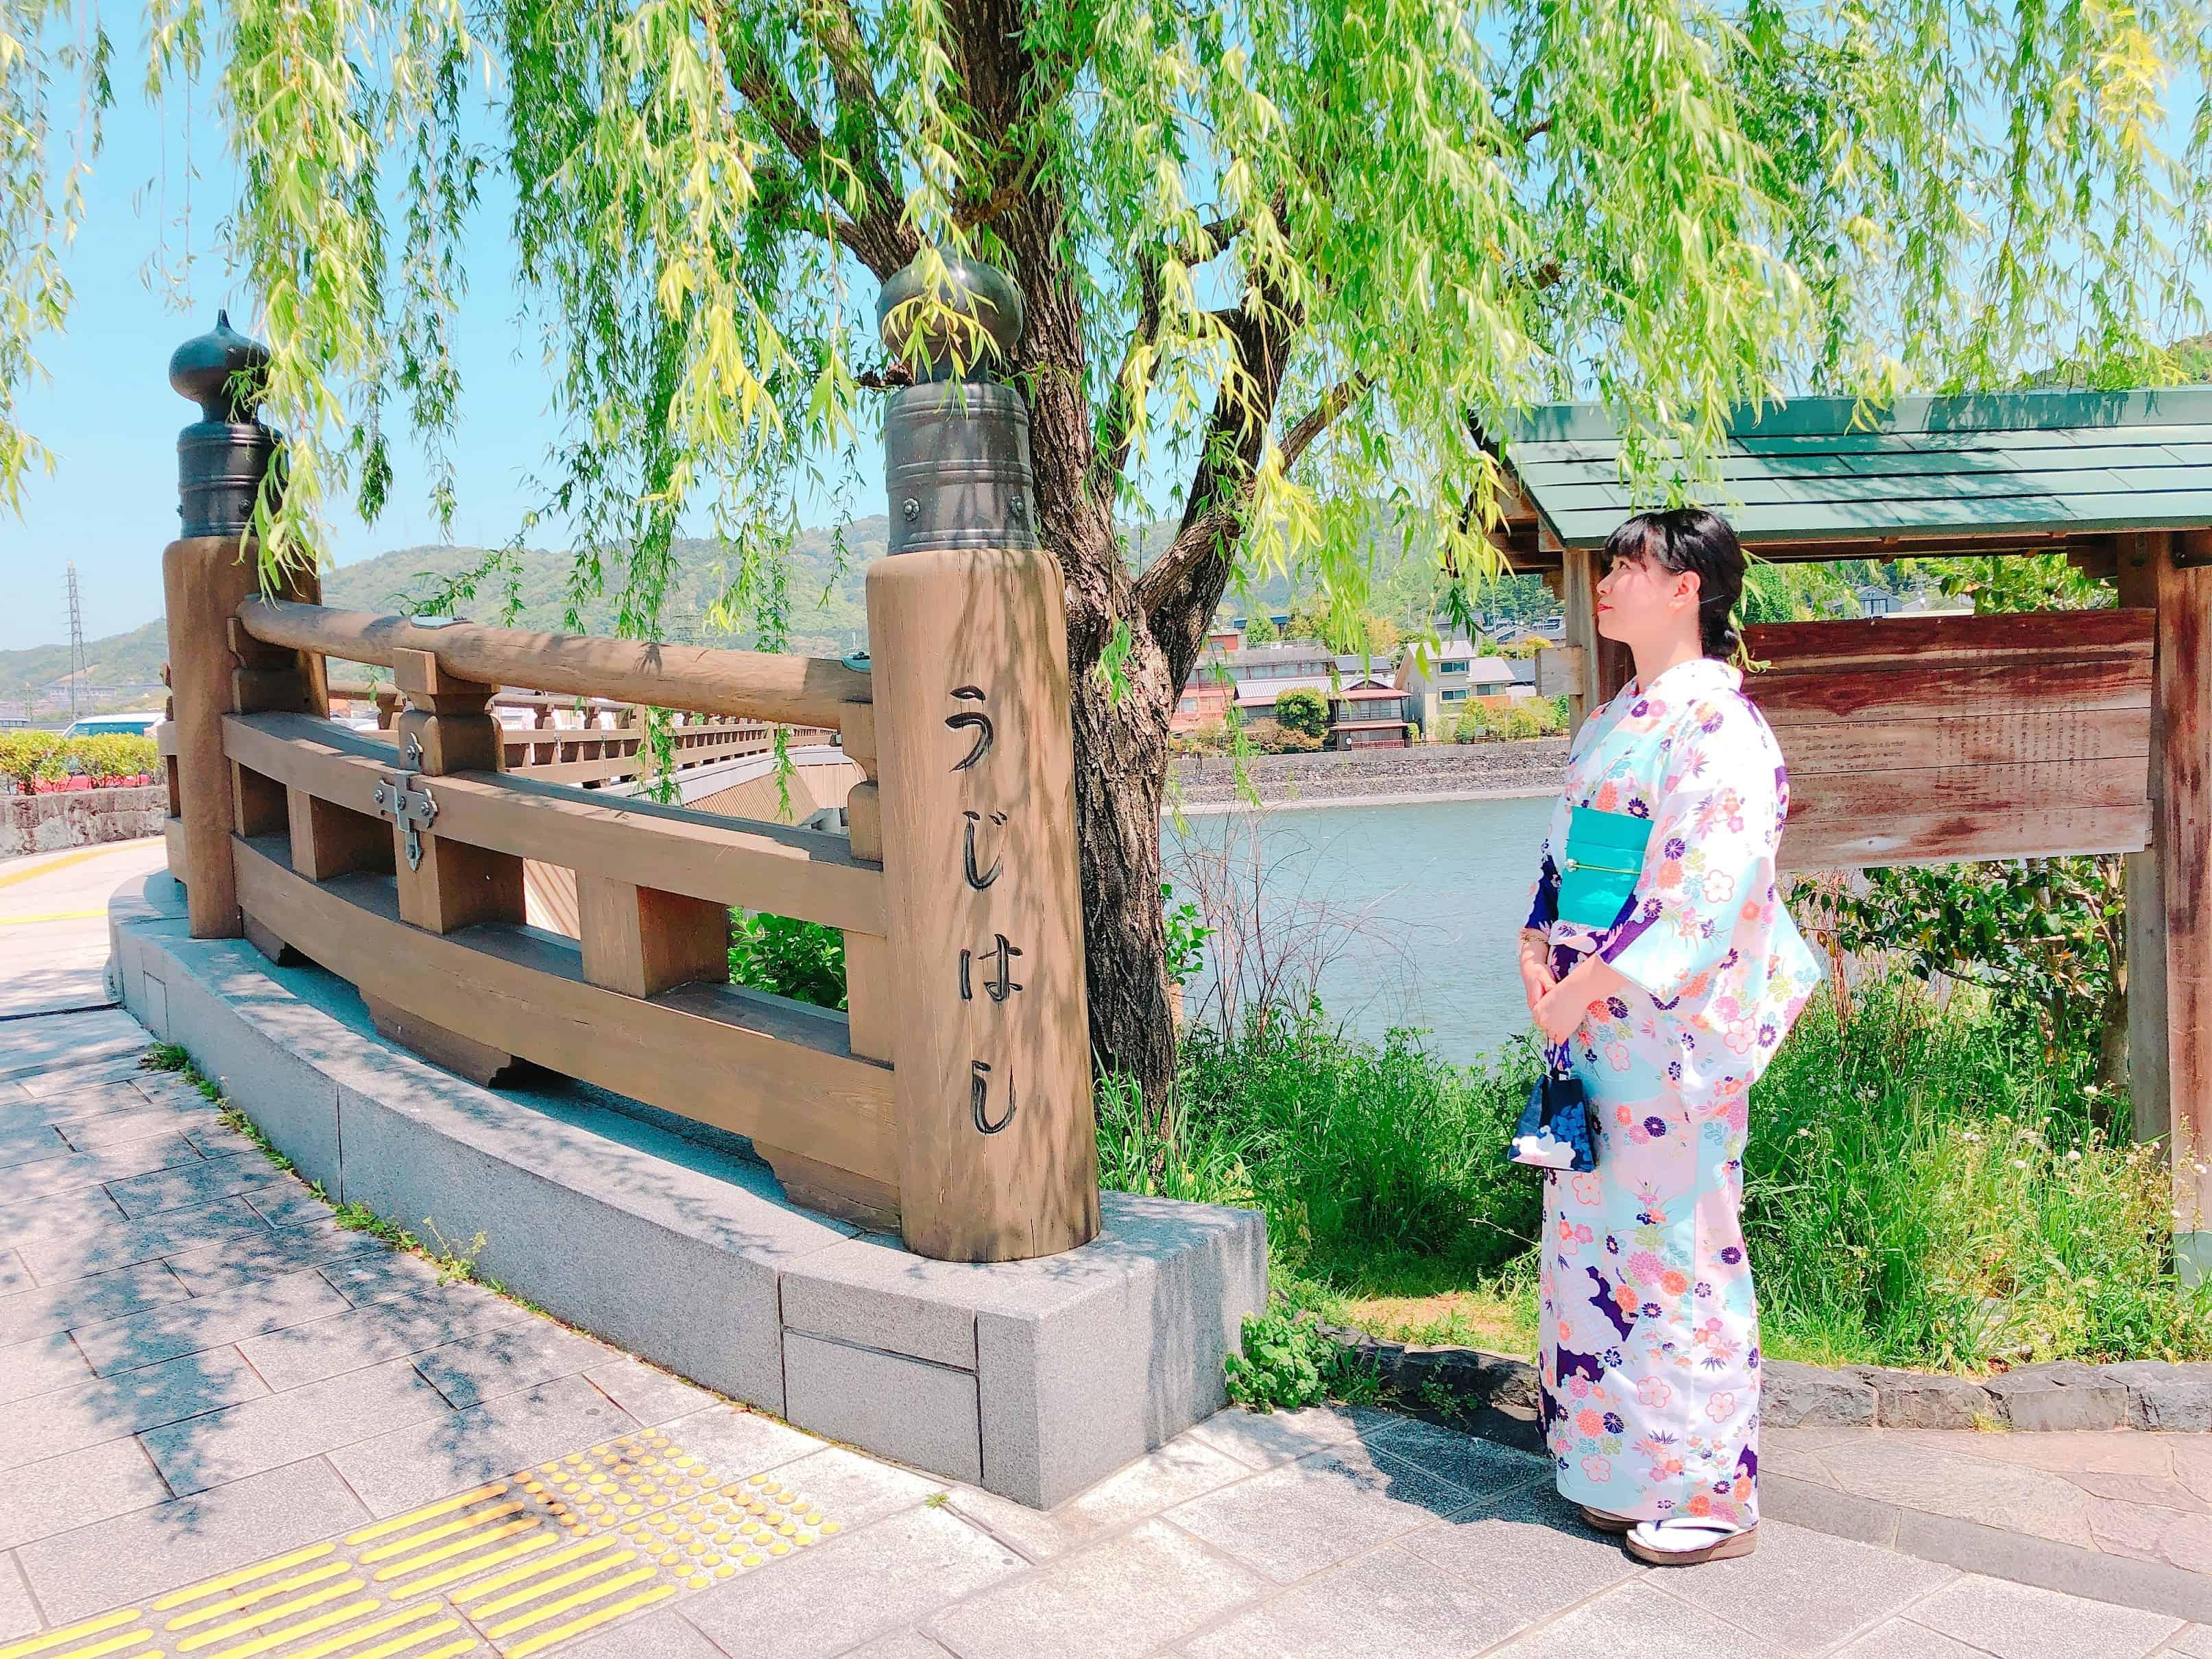 ใส่ชุดกิโมโนโพสต์ถ่ายกับสะพานอุจิ (Ujibashi)